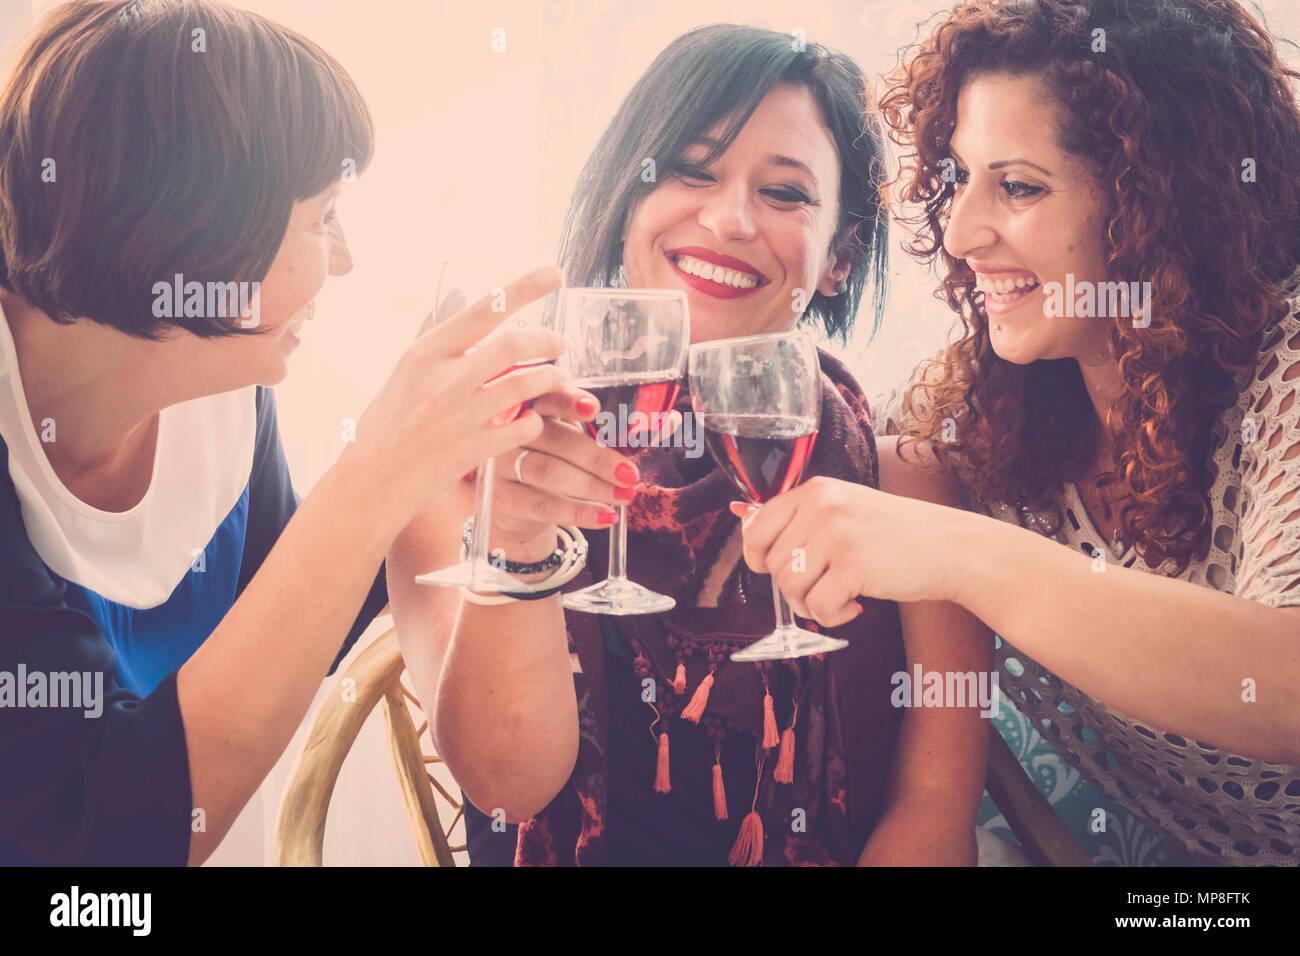 Groupe de personnes de trois jeunes femmes de prendre un verre de vin rouge à la maison pour fêter leur amitié. Beaucoup de plaisir et de smilies pour une journée de travail Photo Stock